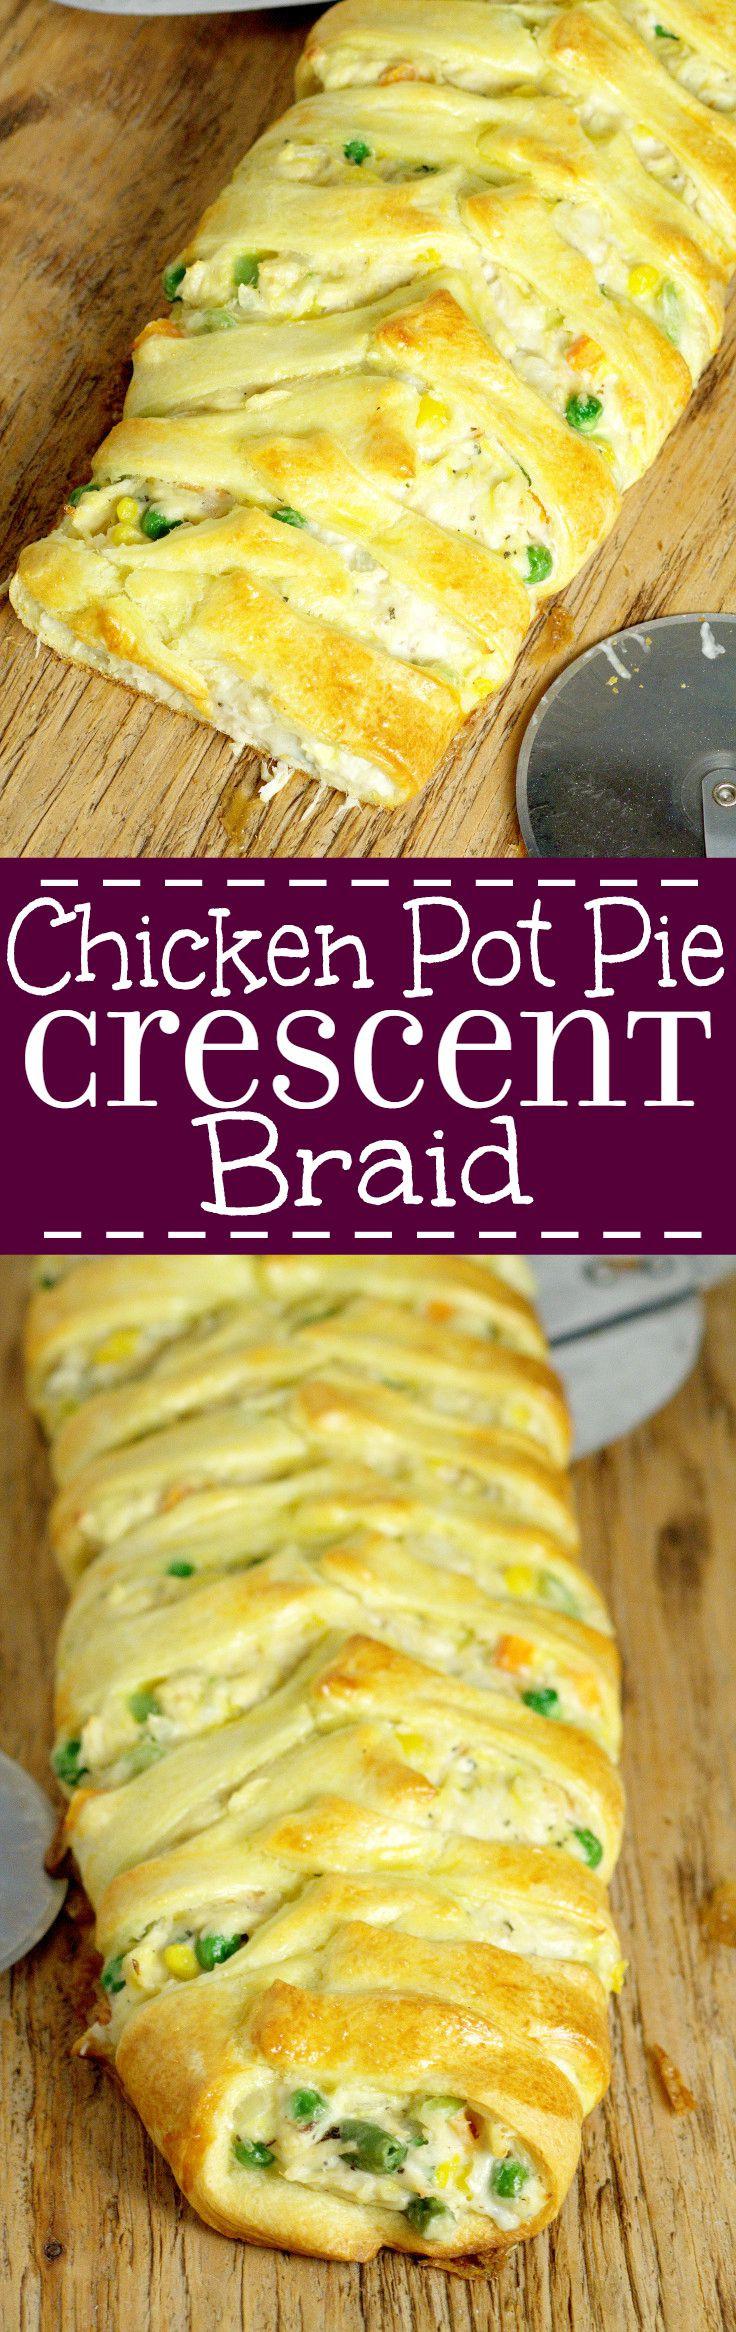 Chicken Pot Pie Crescent Braid  Chicken Pot Pie Crescent Braid